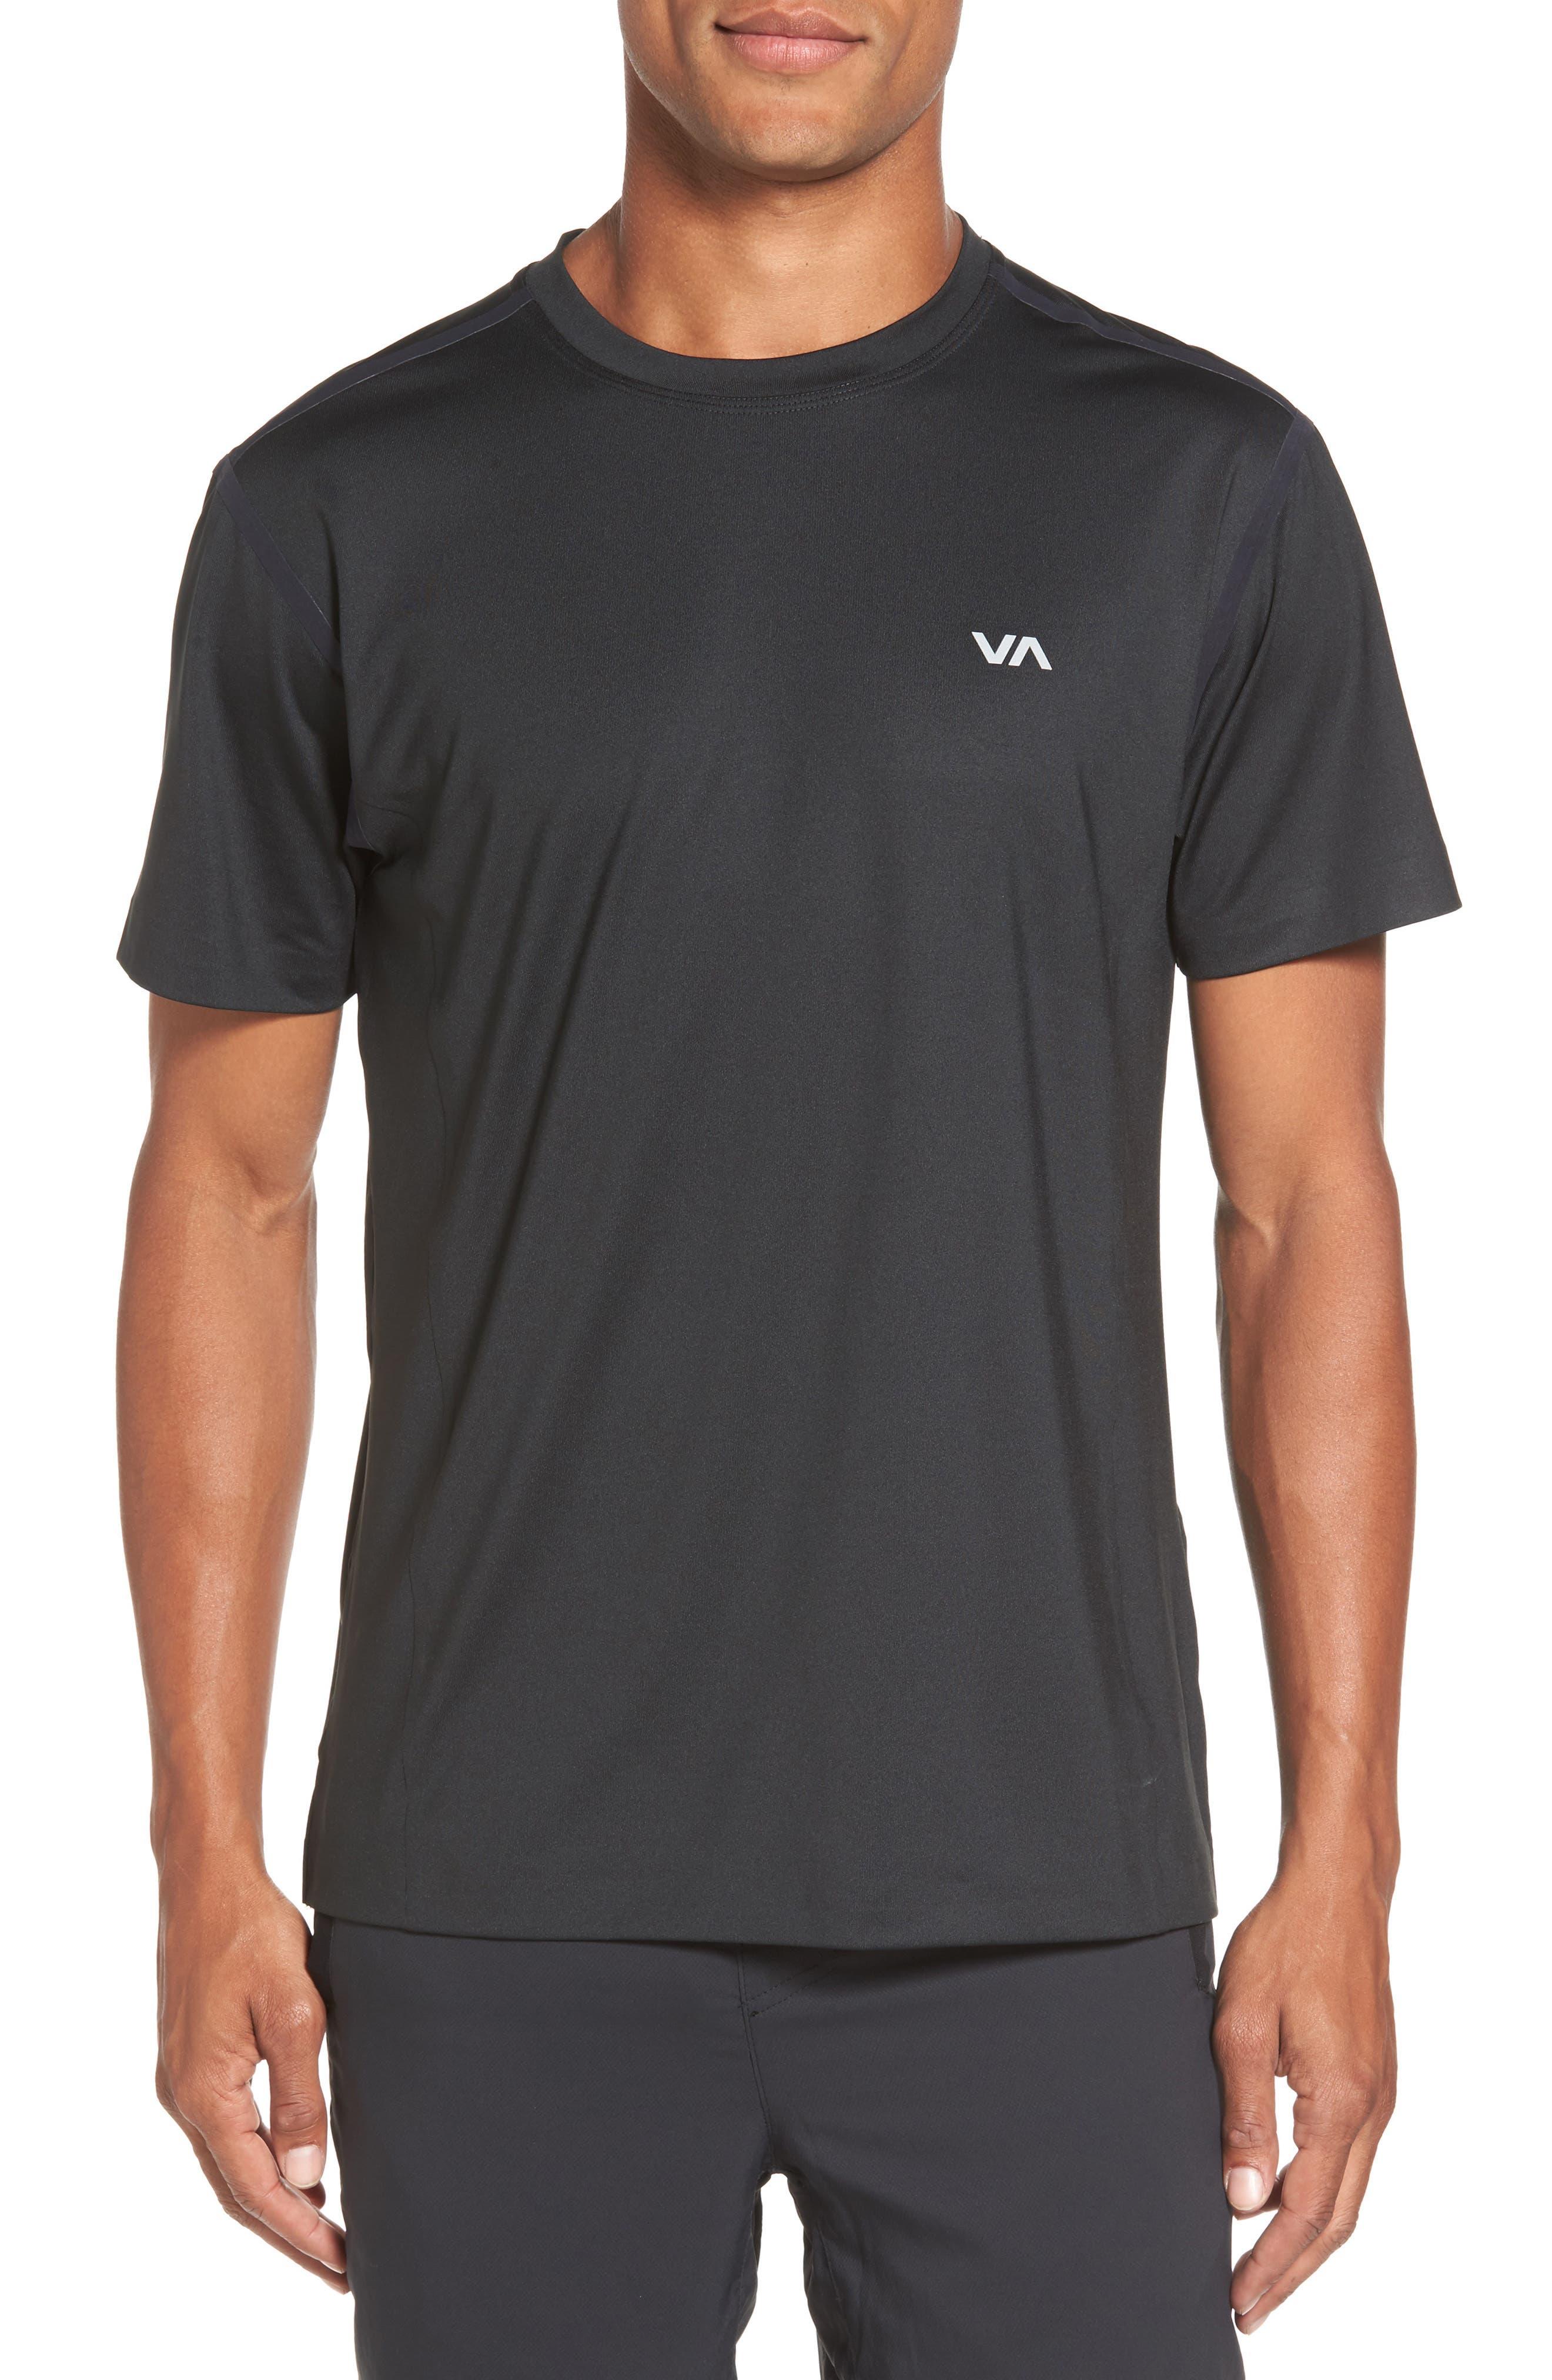 VA Compression T-Shirt,                         Main,                         color, Black